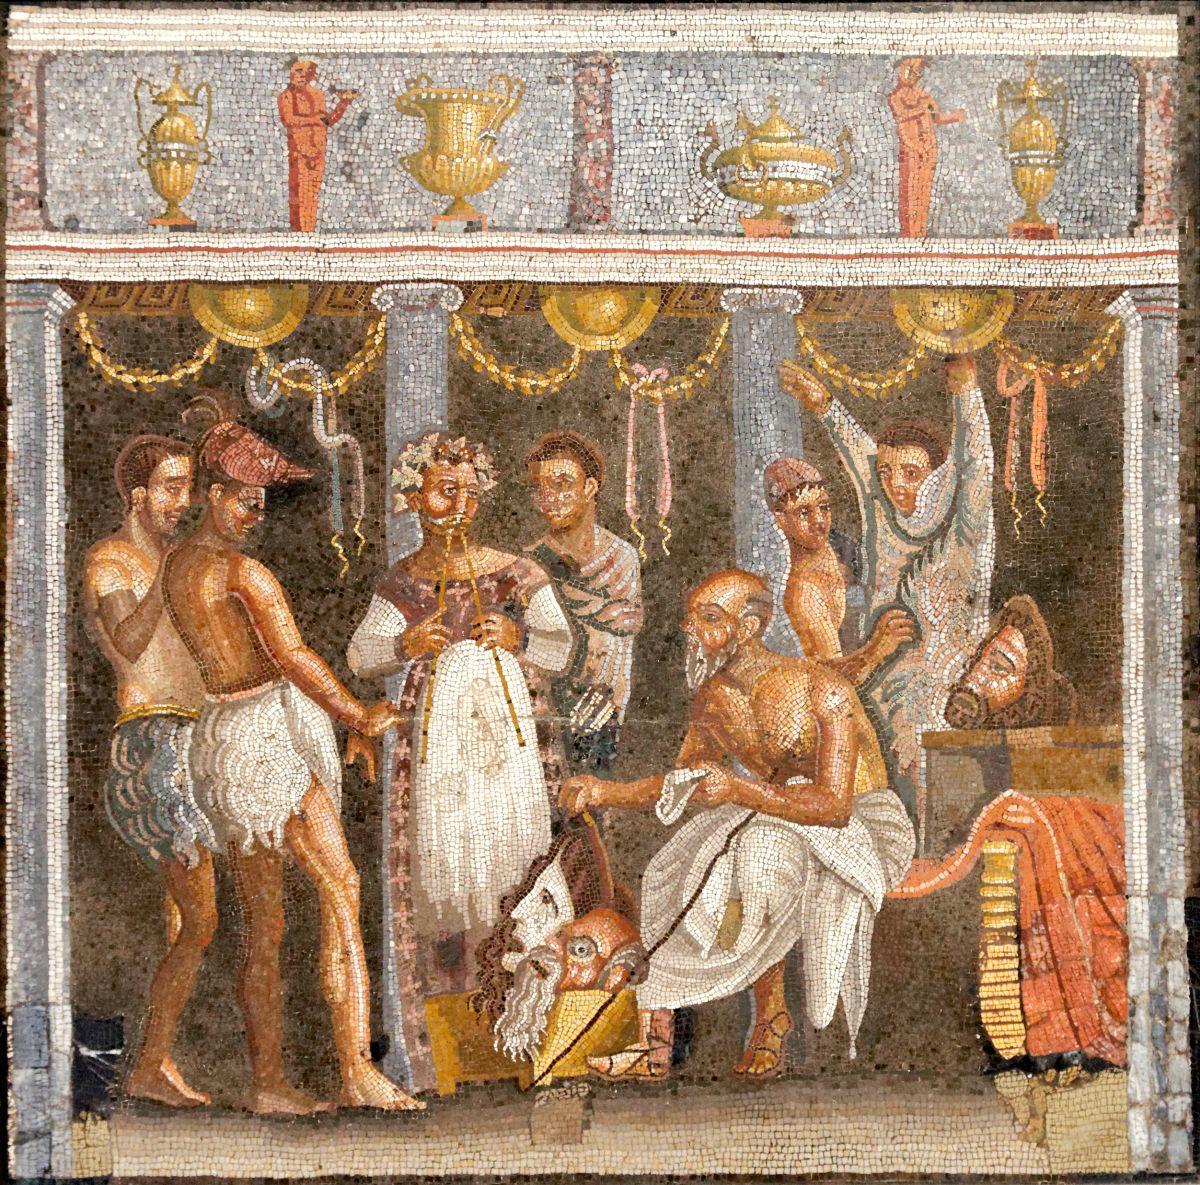 Mozaika ukazująca grupę teatralną przygotowującą się do występu